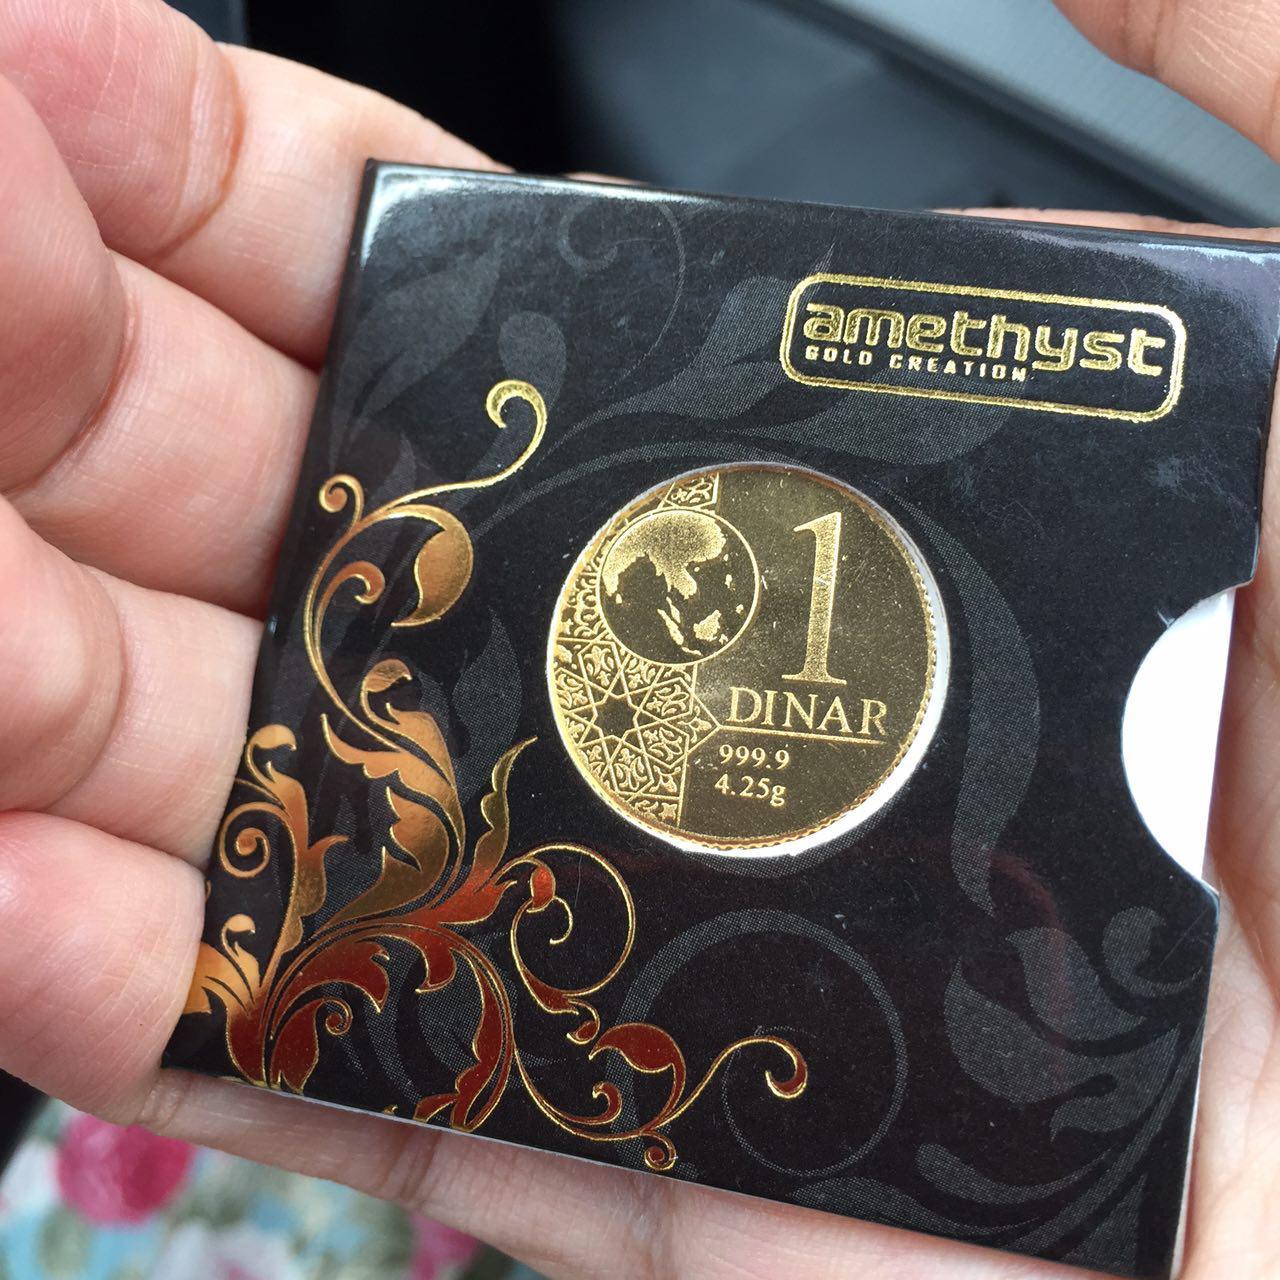 1 dinar (4.25g emas 999.9)